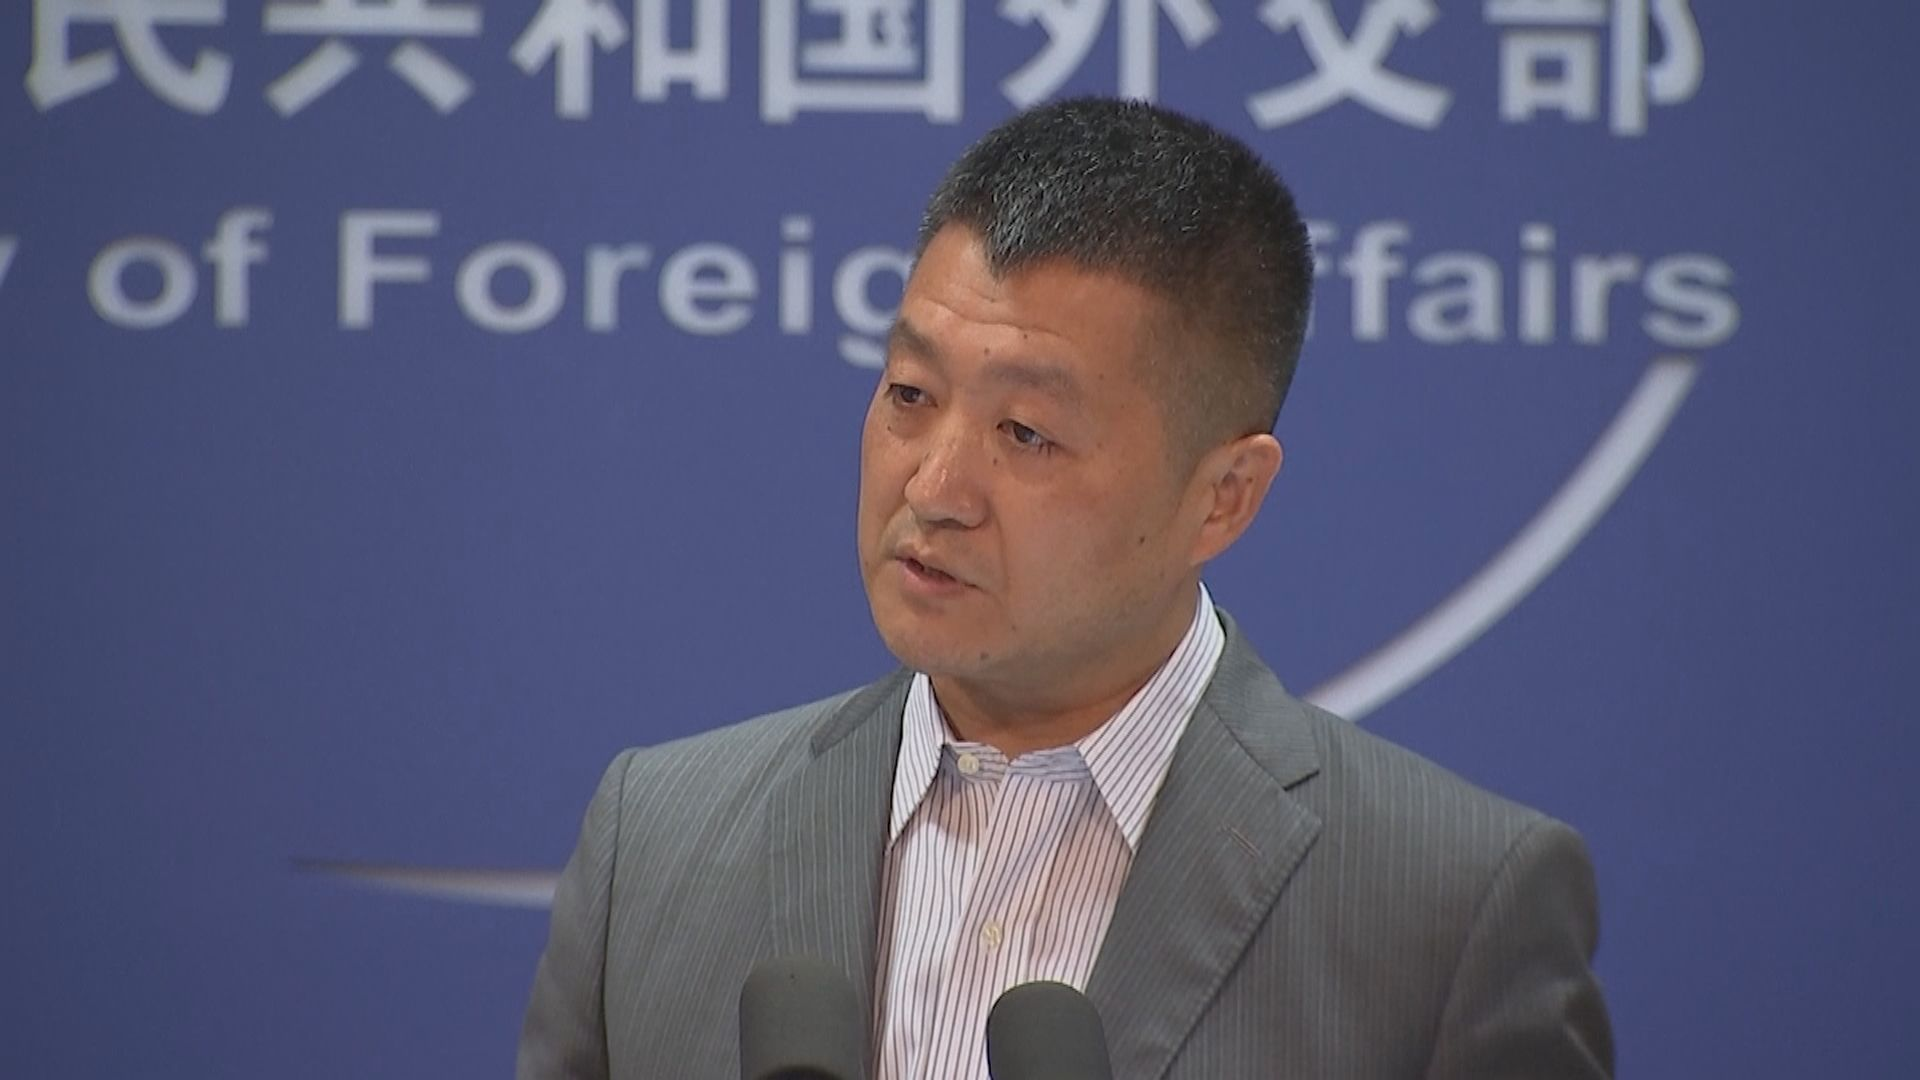 【中美貿易戰升級】外交部:談判會有積極成果